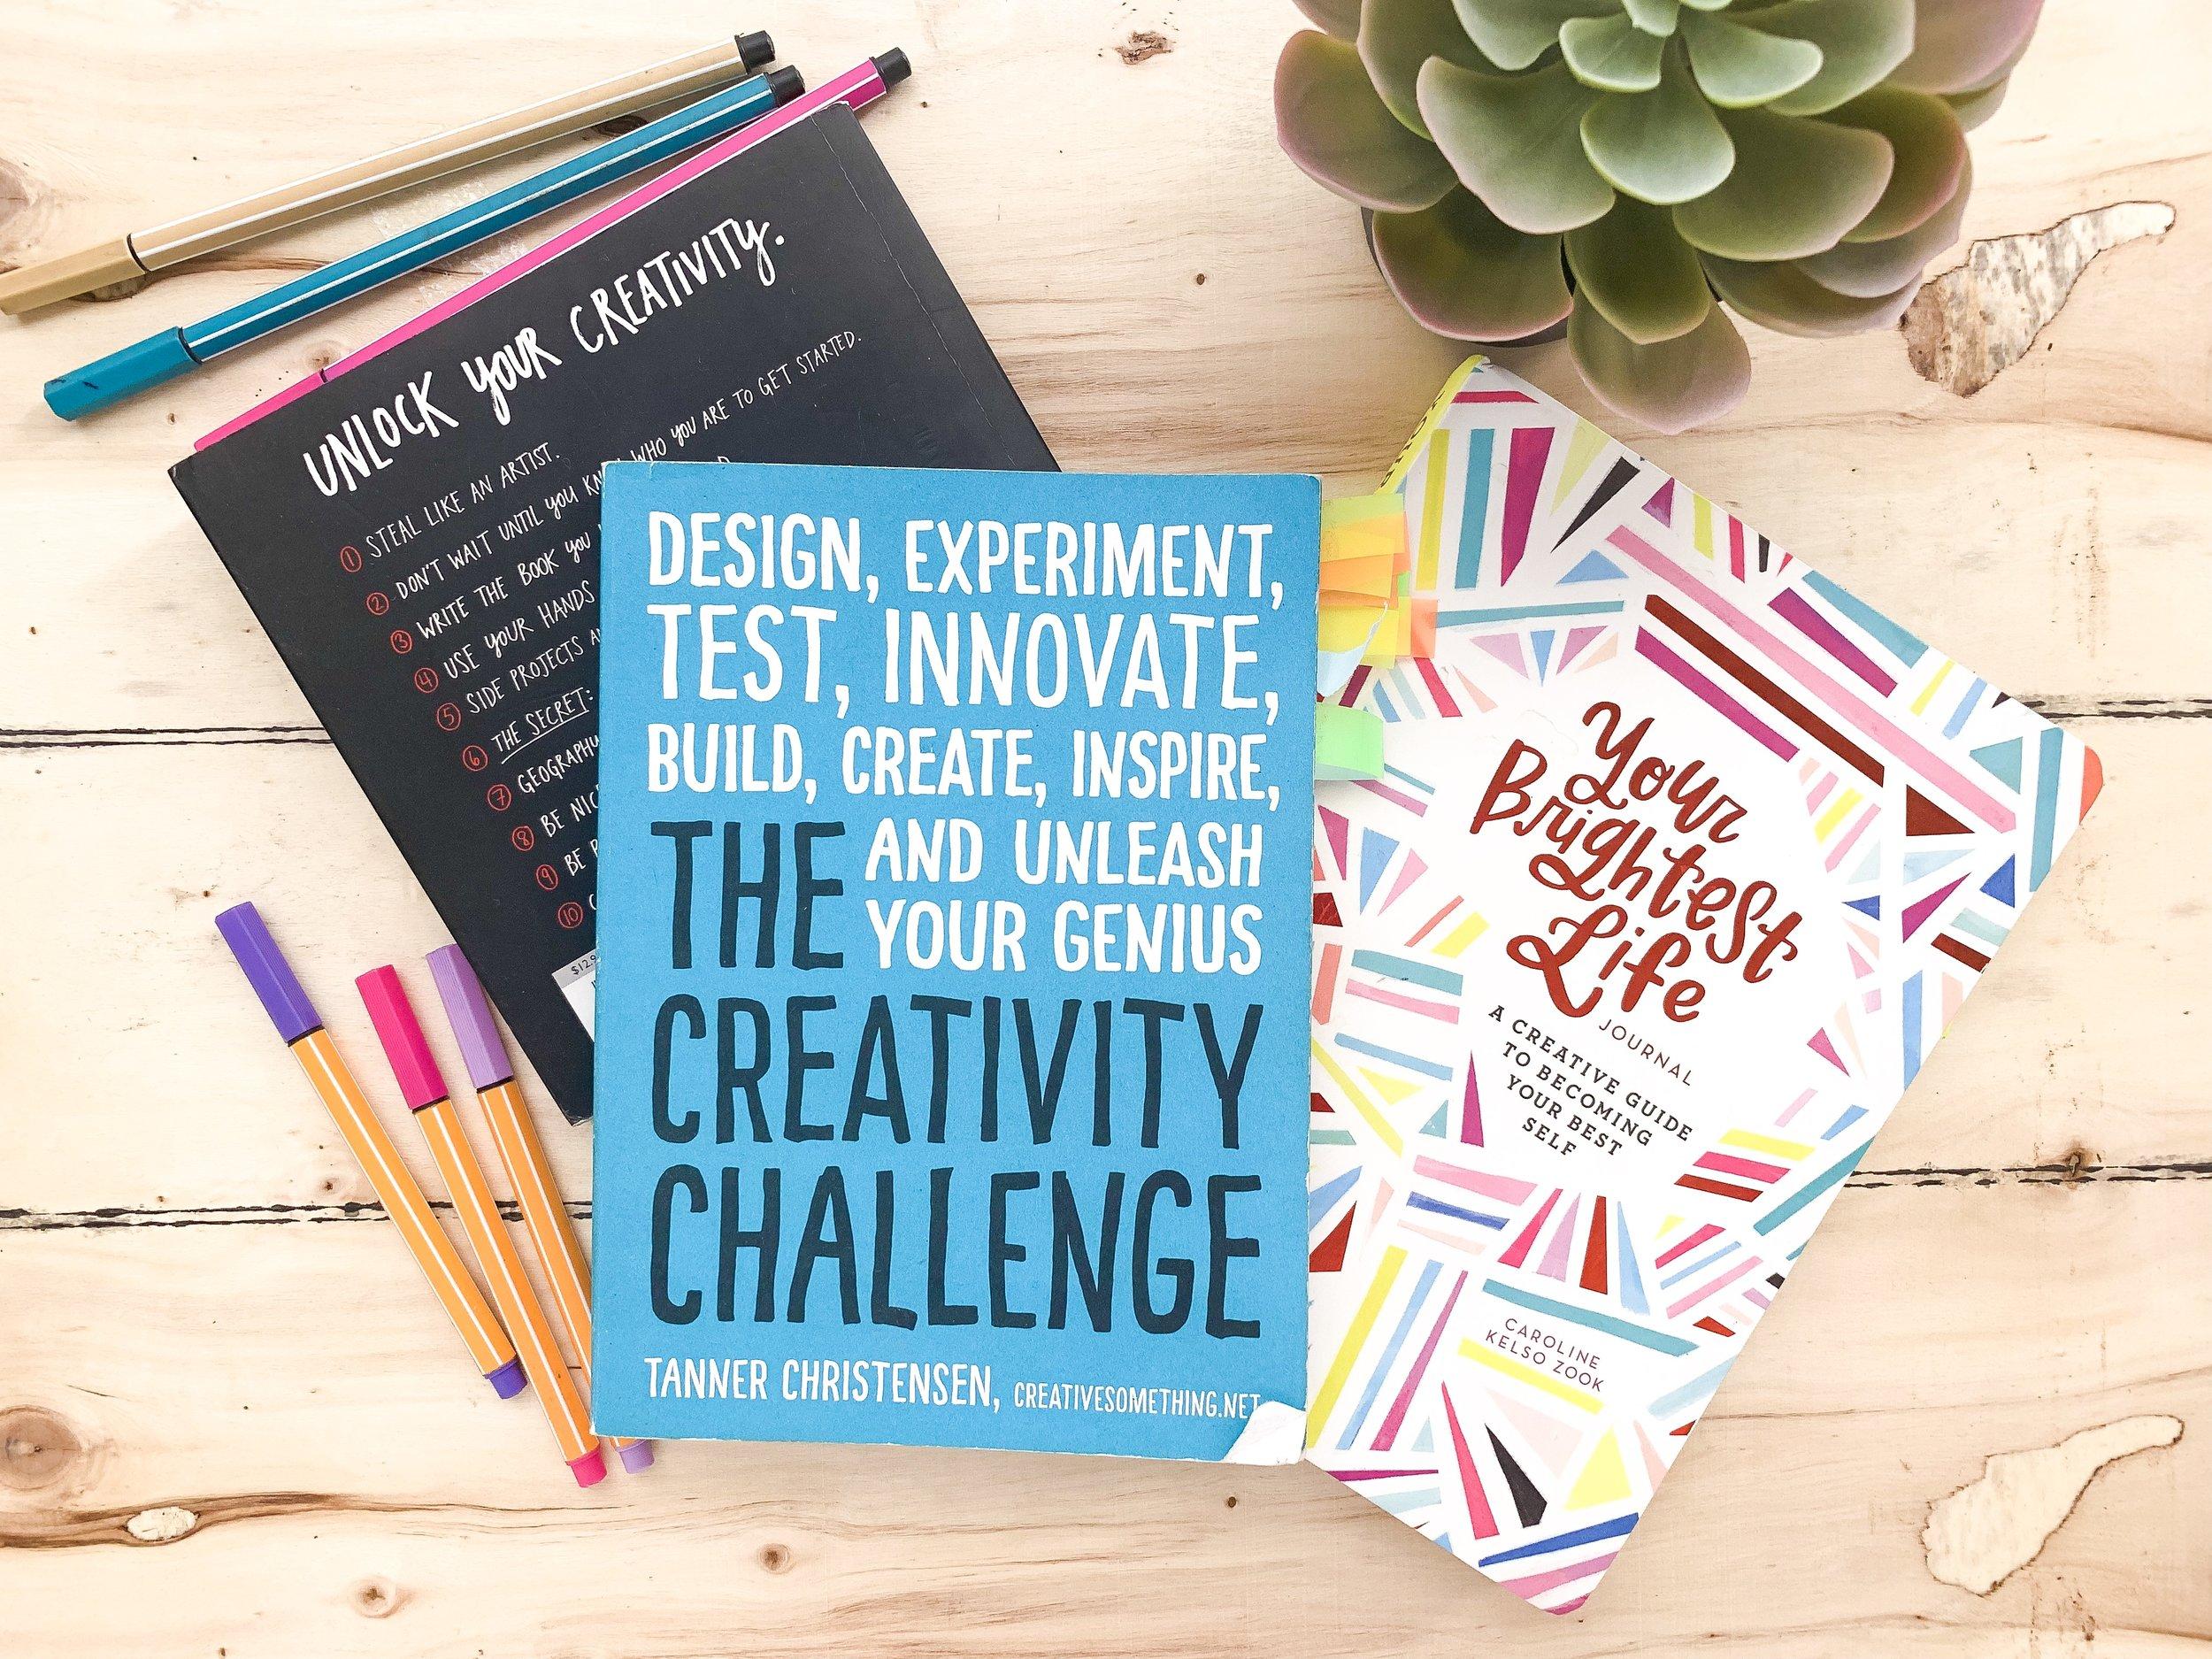 Los 5 Pensamientos Creativos que Necesitas Conocer: The Creativity Challenge